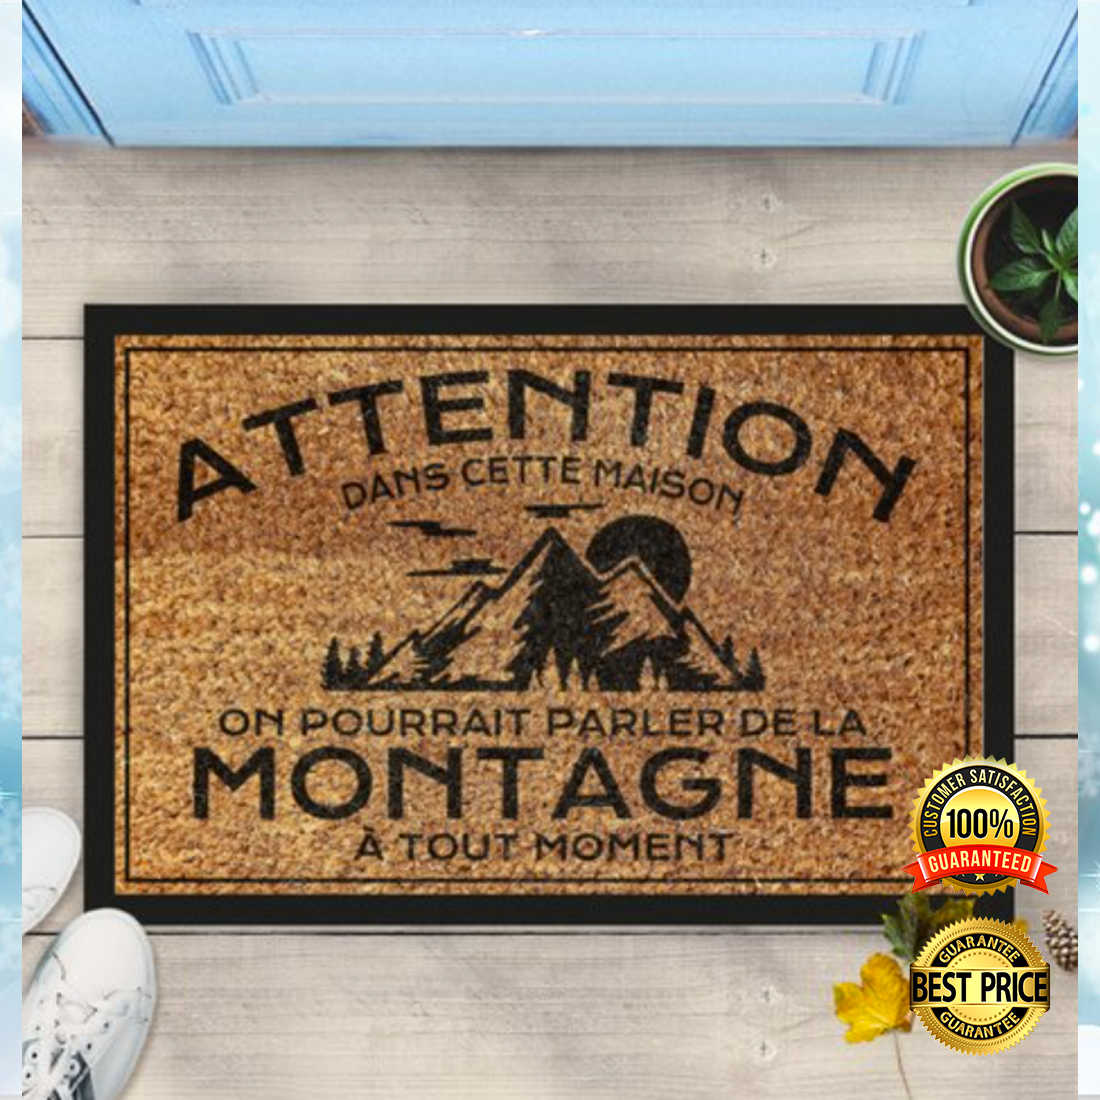 Attention dans cette maison on pourrait parler de la montagne a tout moment doormat 2